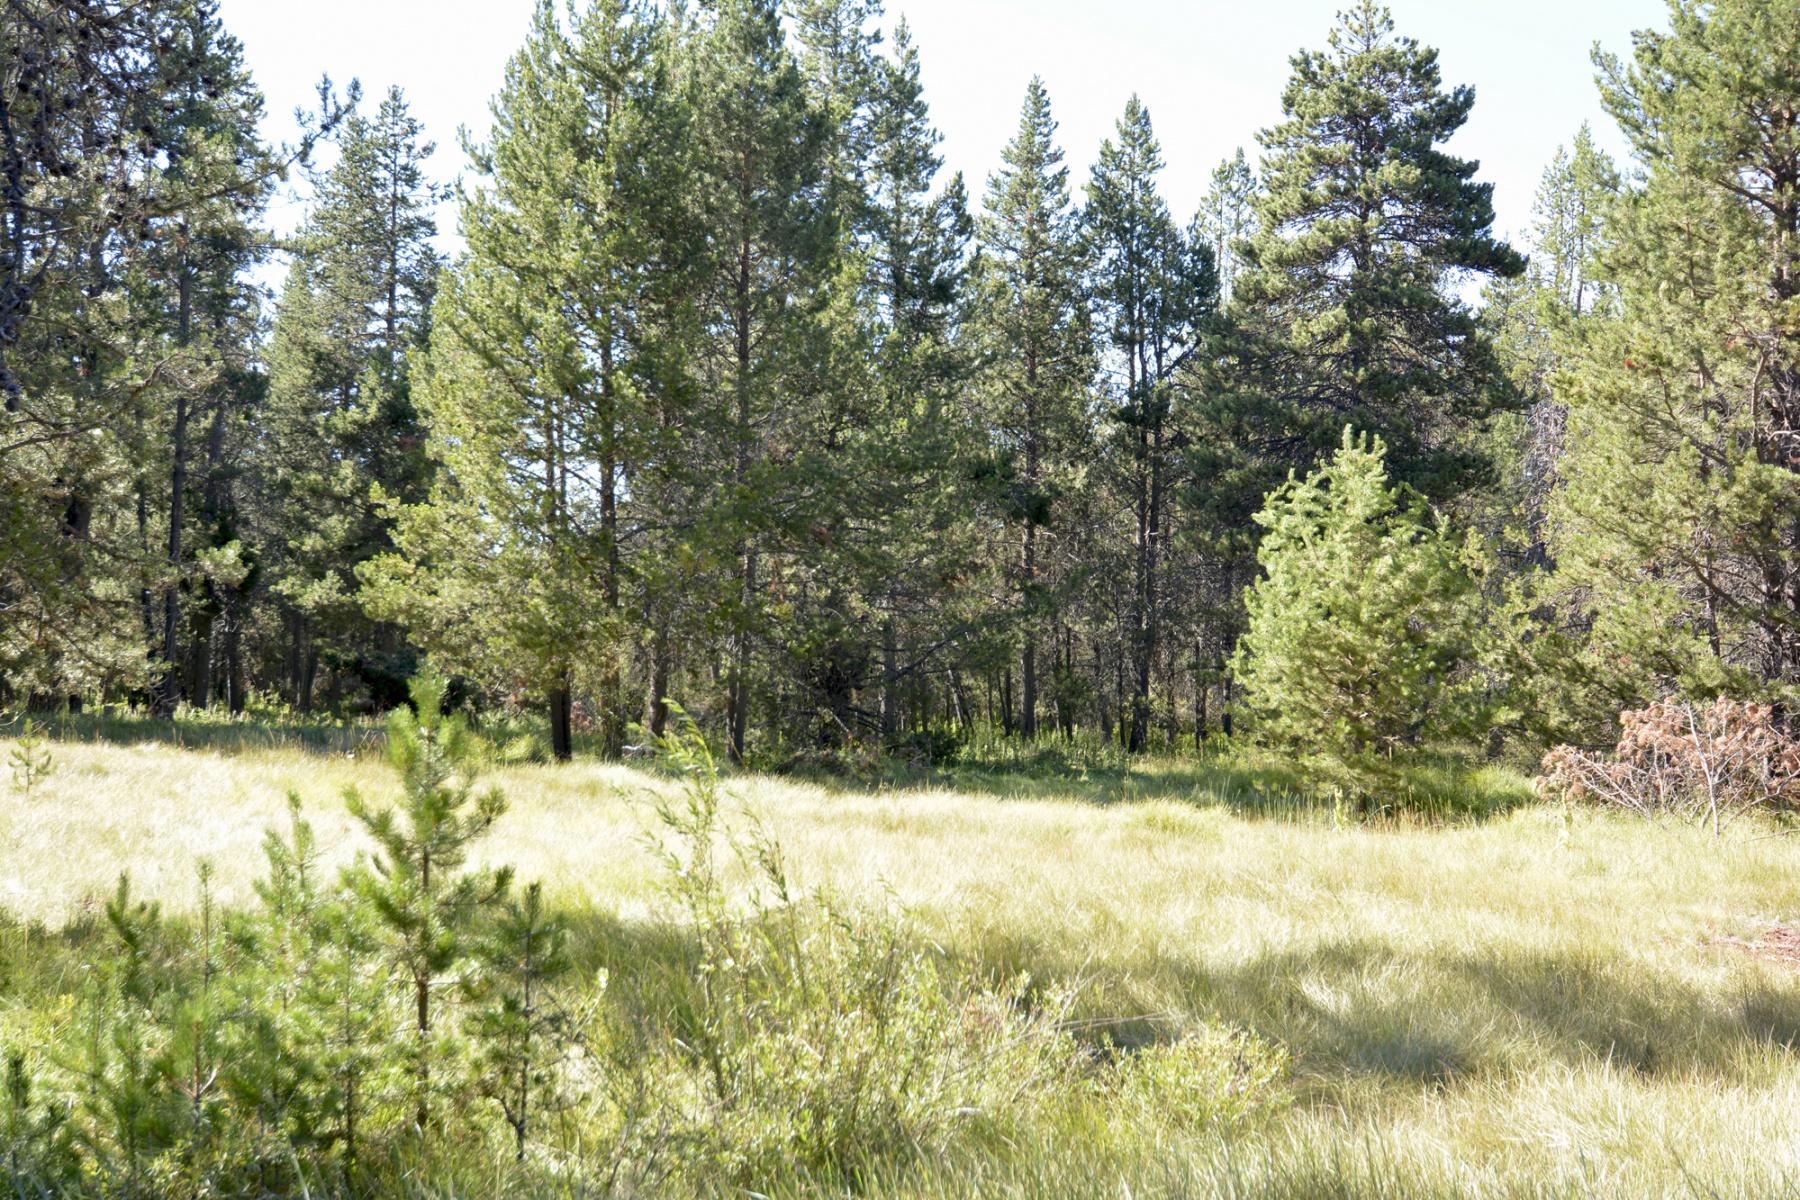 Terreno por un Venta en 54691 Silver Fox Drive, BEND Bend, Oregon, 97707 Estados Unidos